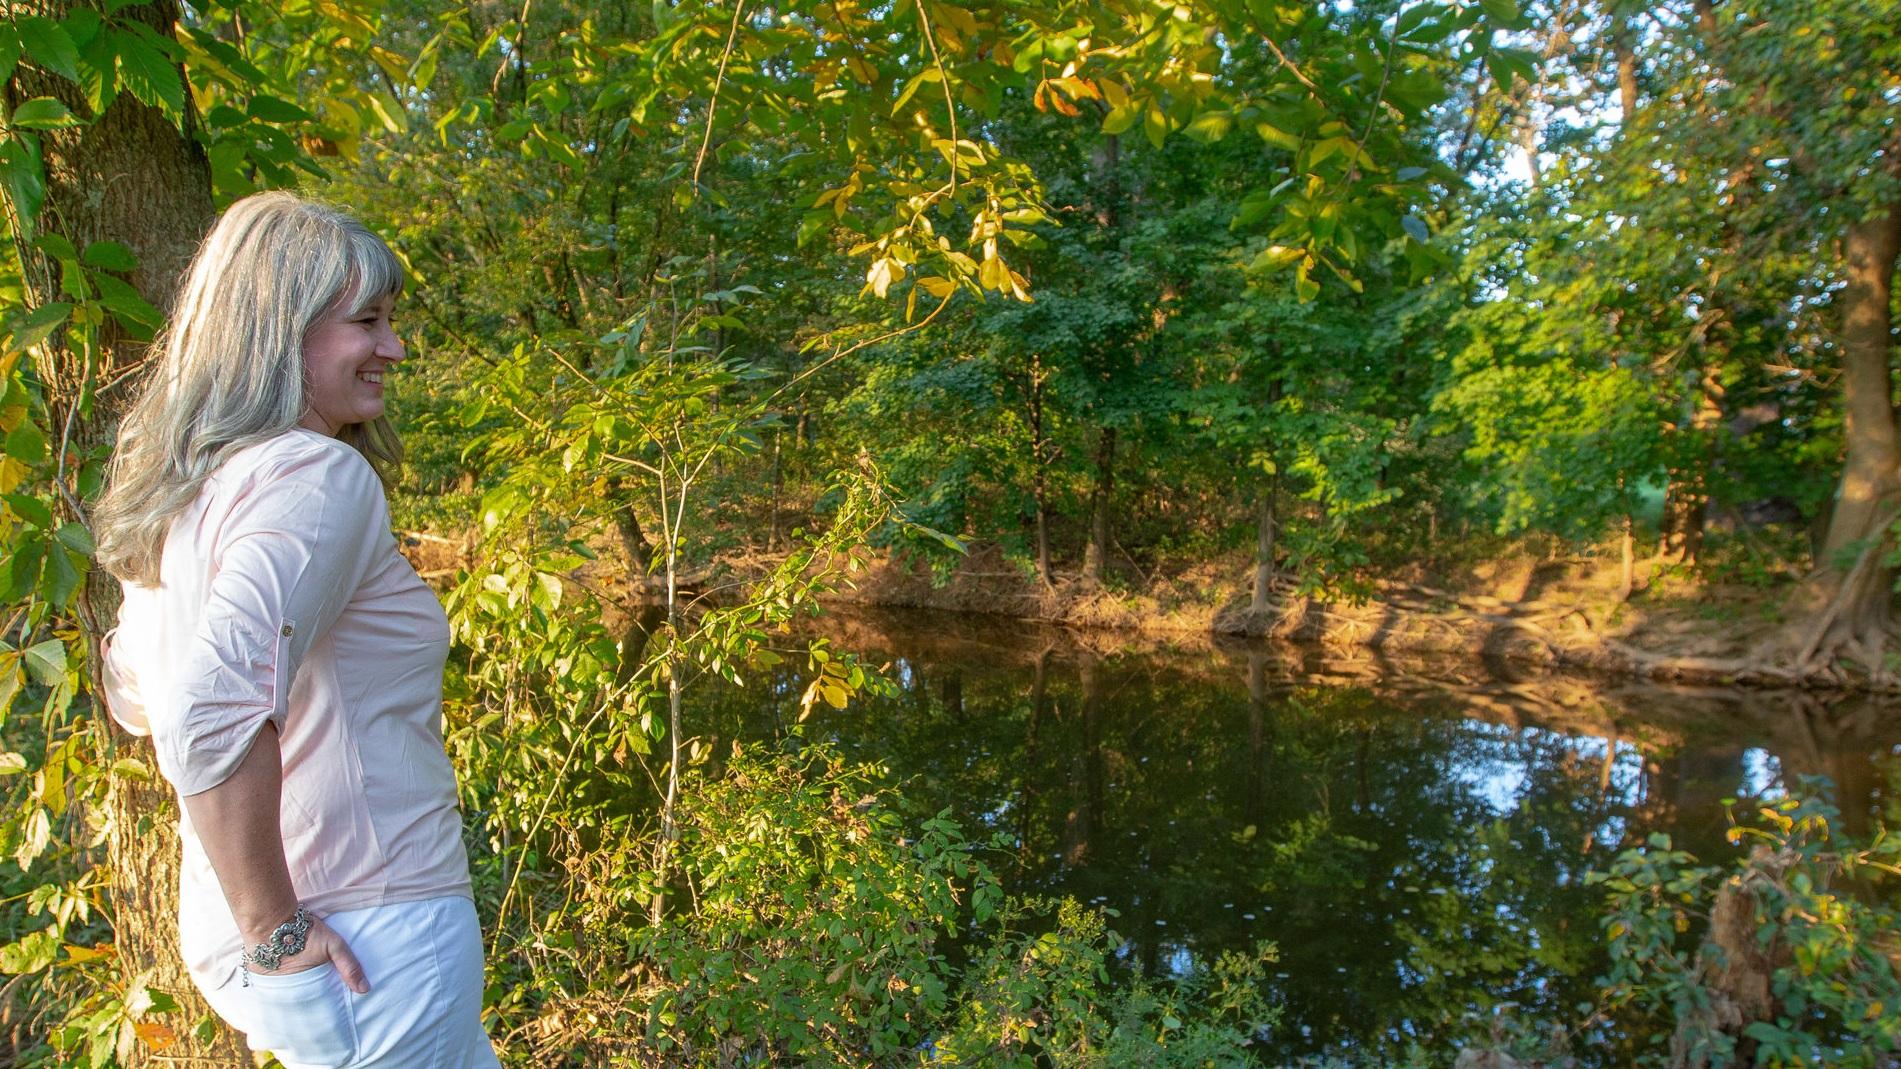 creek%2C+refresh%2C+rejuvenate%2C+mindfull%2C+interior%2C+introvert.jpg